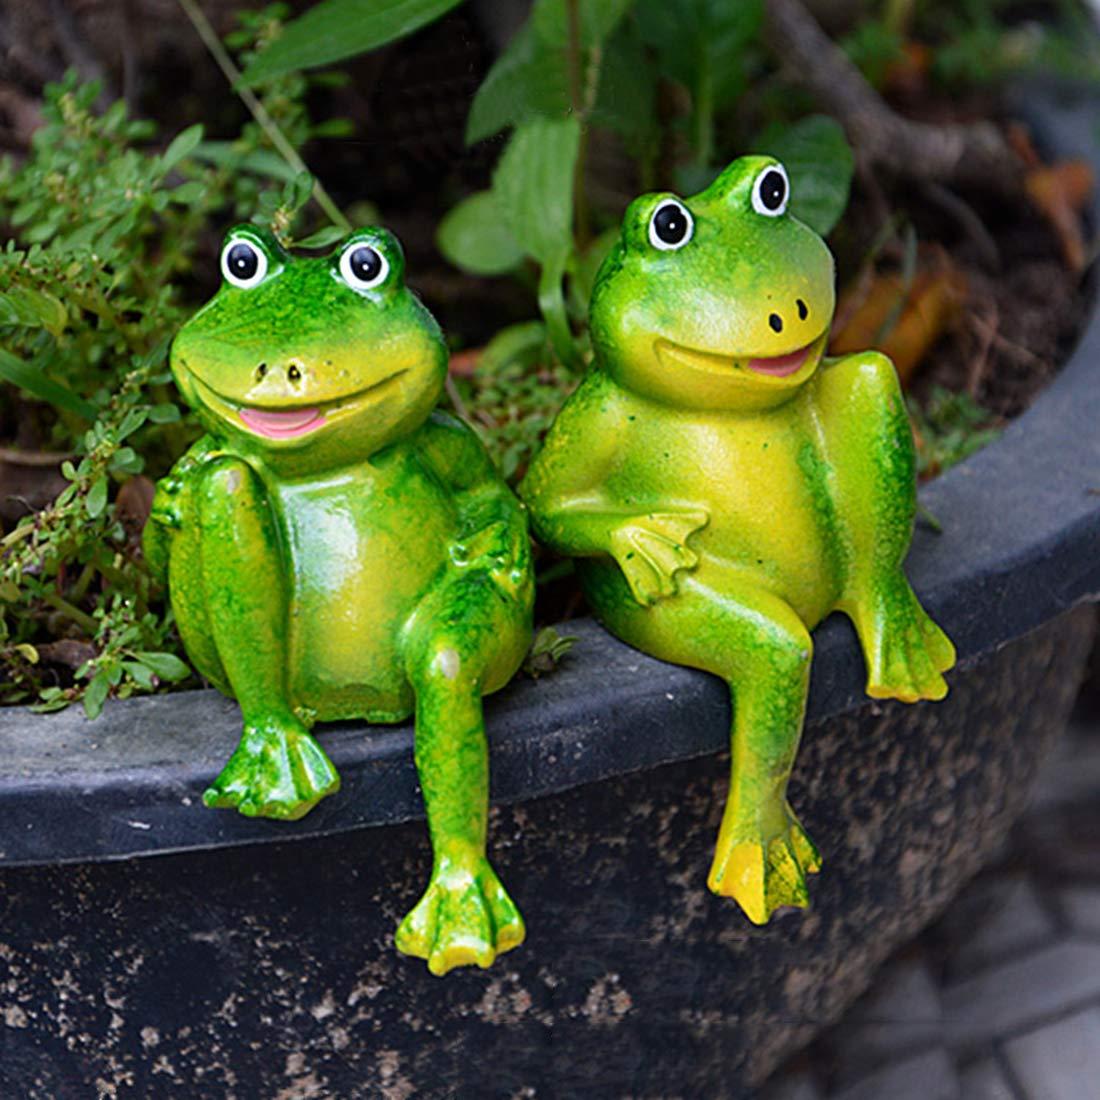 DHG – Estatuas de jardín – 1 par de Bonitas Ranas sentadas de Resina para decoración de jardín, Ranas Decorativas para el hogar, Estanque, jardín, Ranas pequeñas: Amazon.es: Hogar